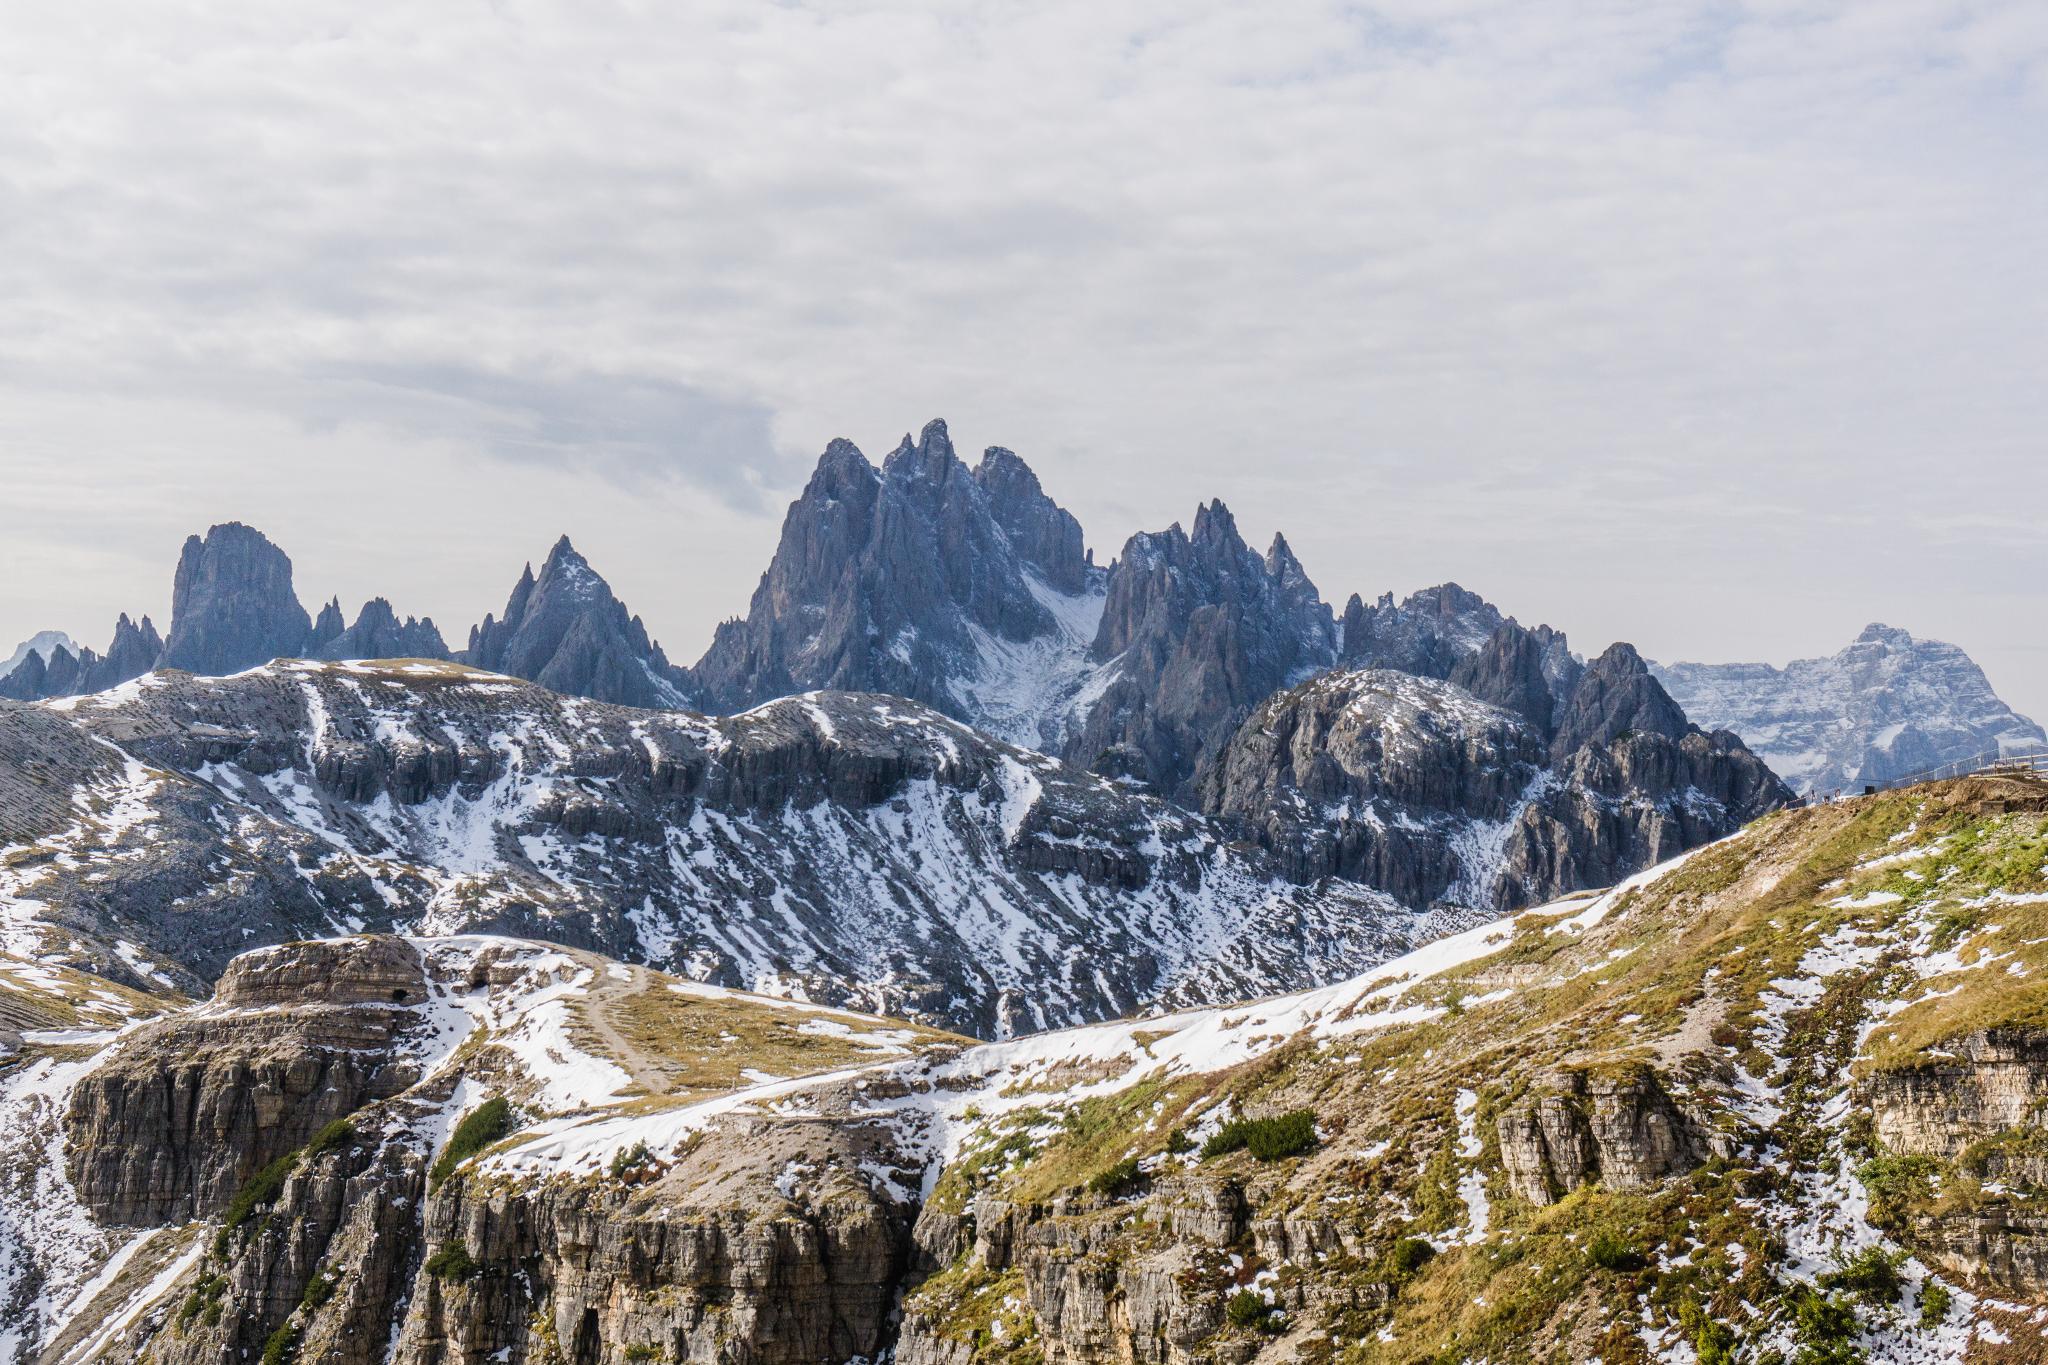 【義大利】健行在阿爾卑斯的絕美秘境:多洛米提山脈 (The Dolomites) 行程規劃全攻略 6